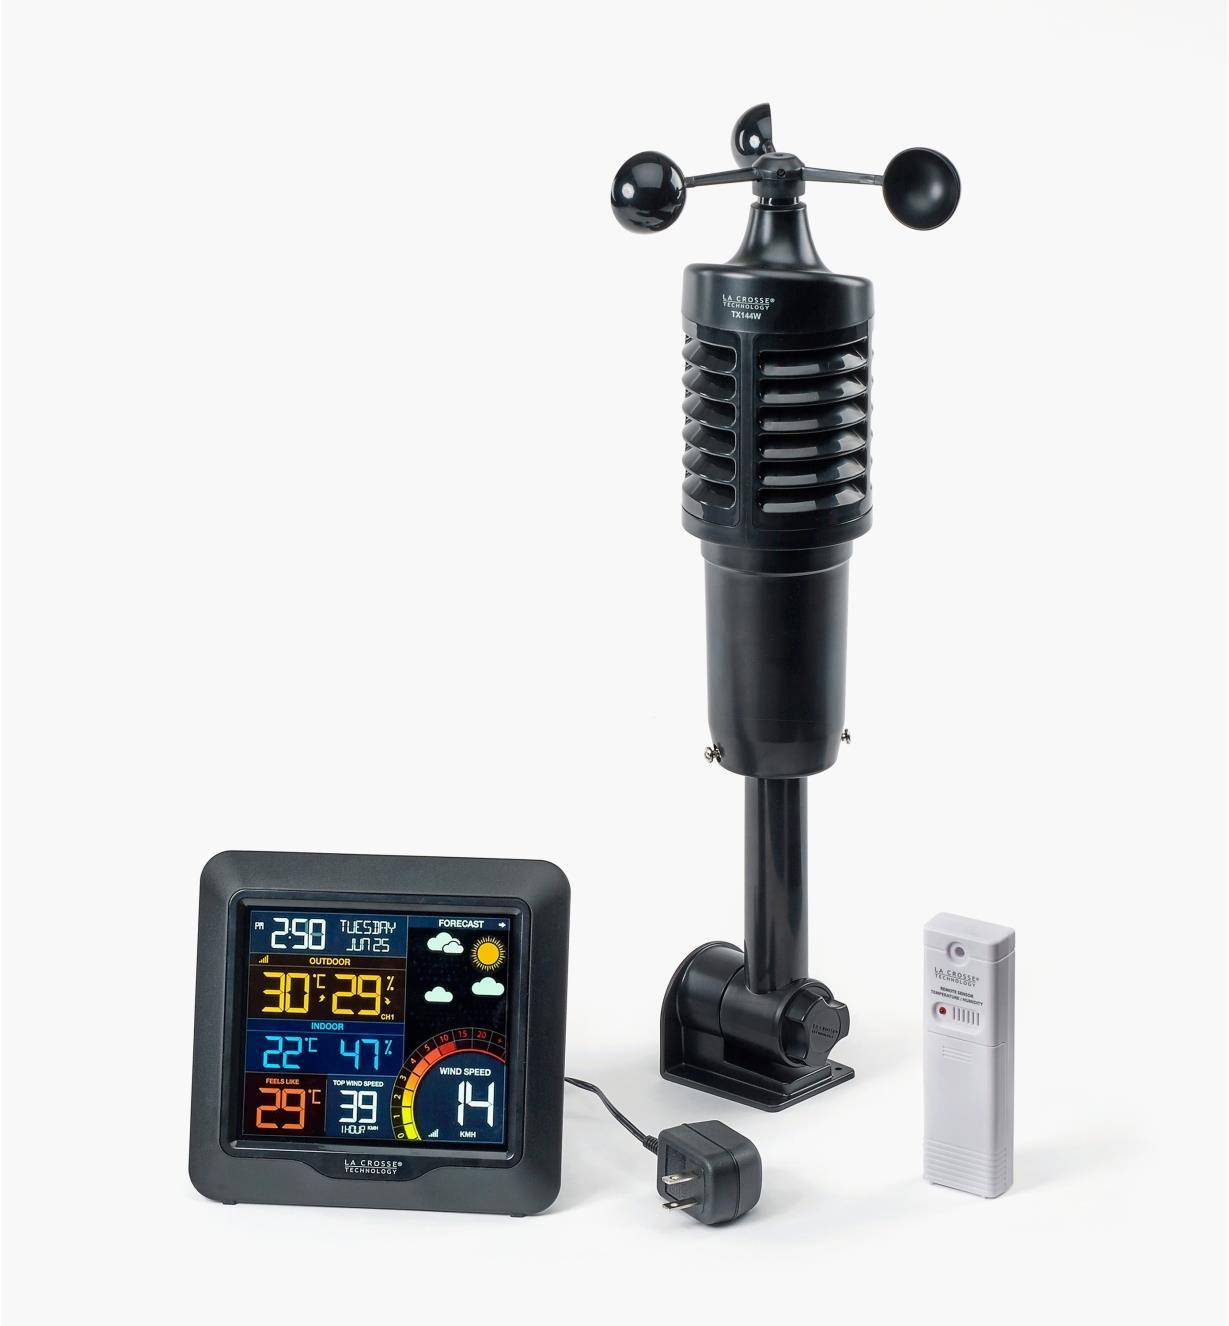 99W9751 - Wireless Weather Station